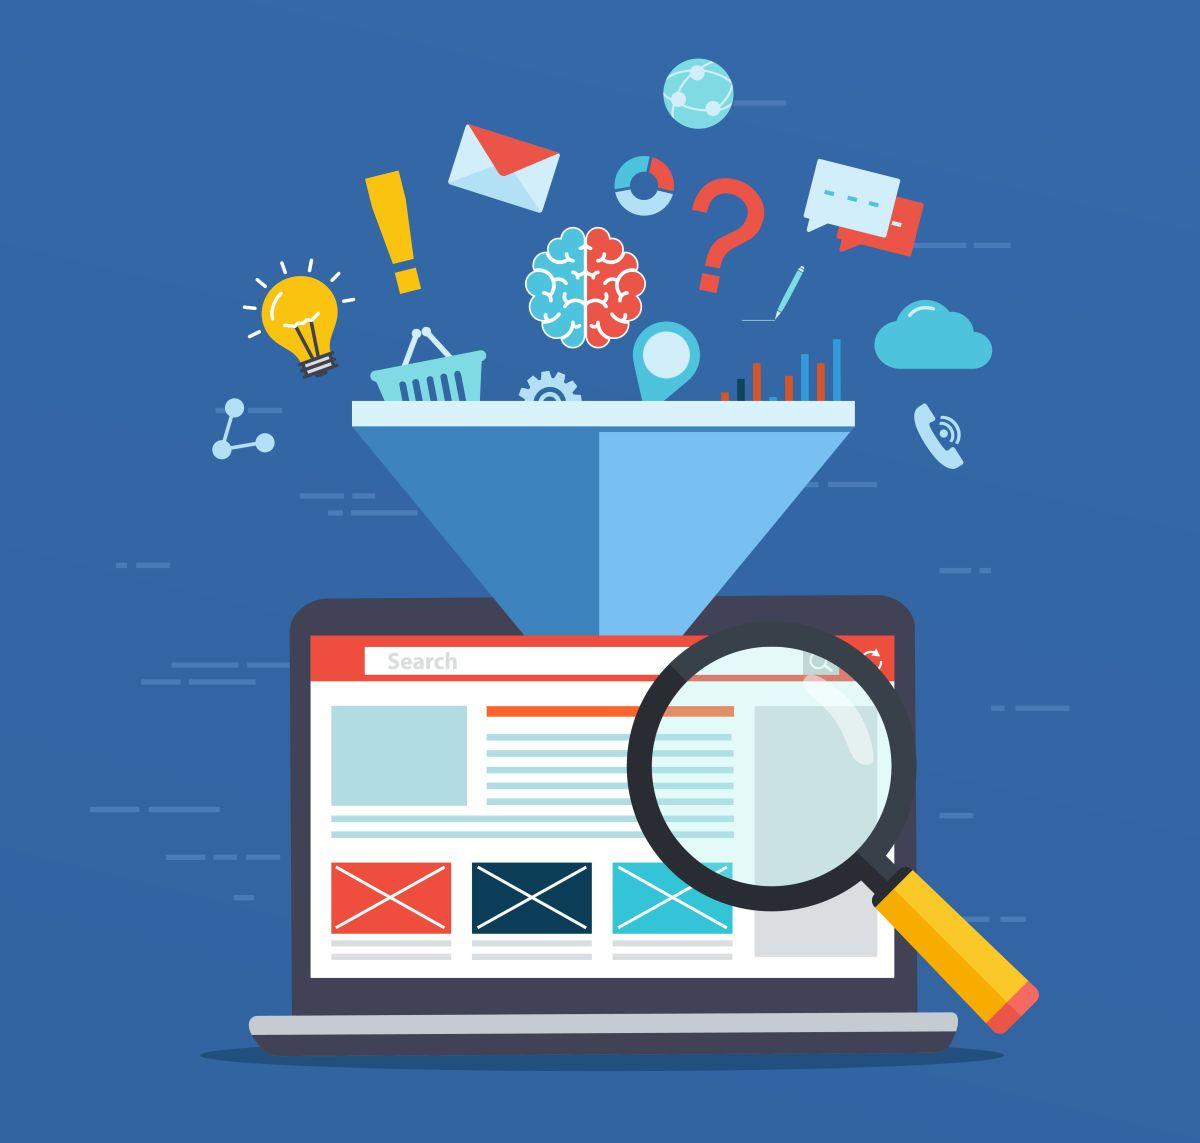 La descarga de contenidos, la vía más efectiva para conseguir conversiones en B2B